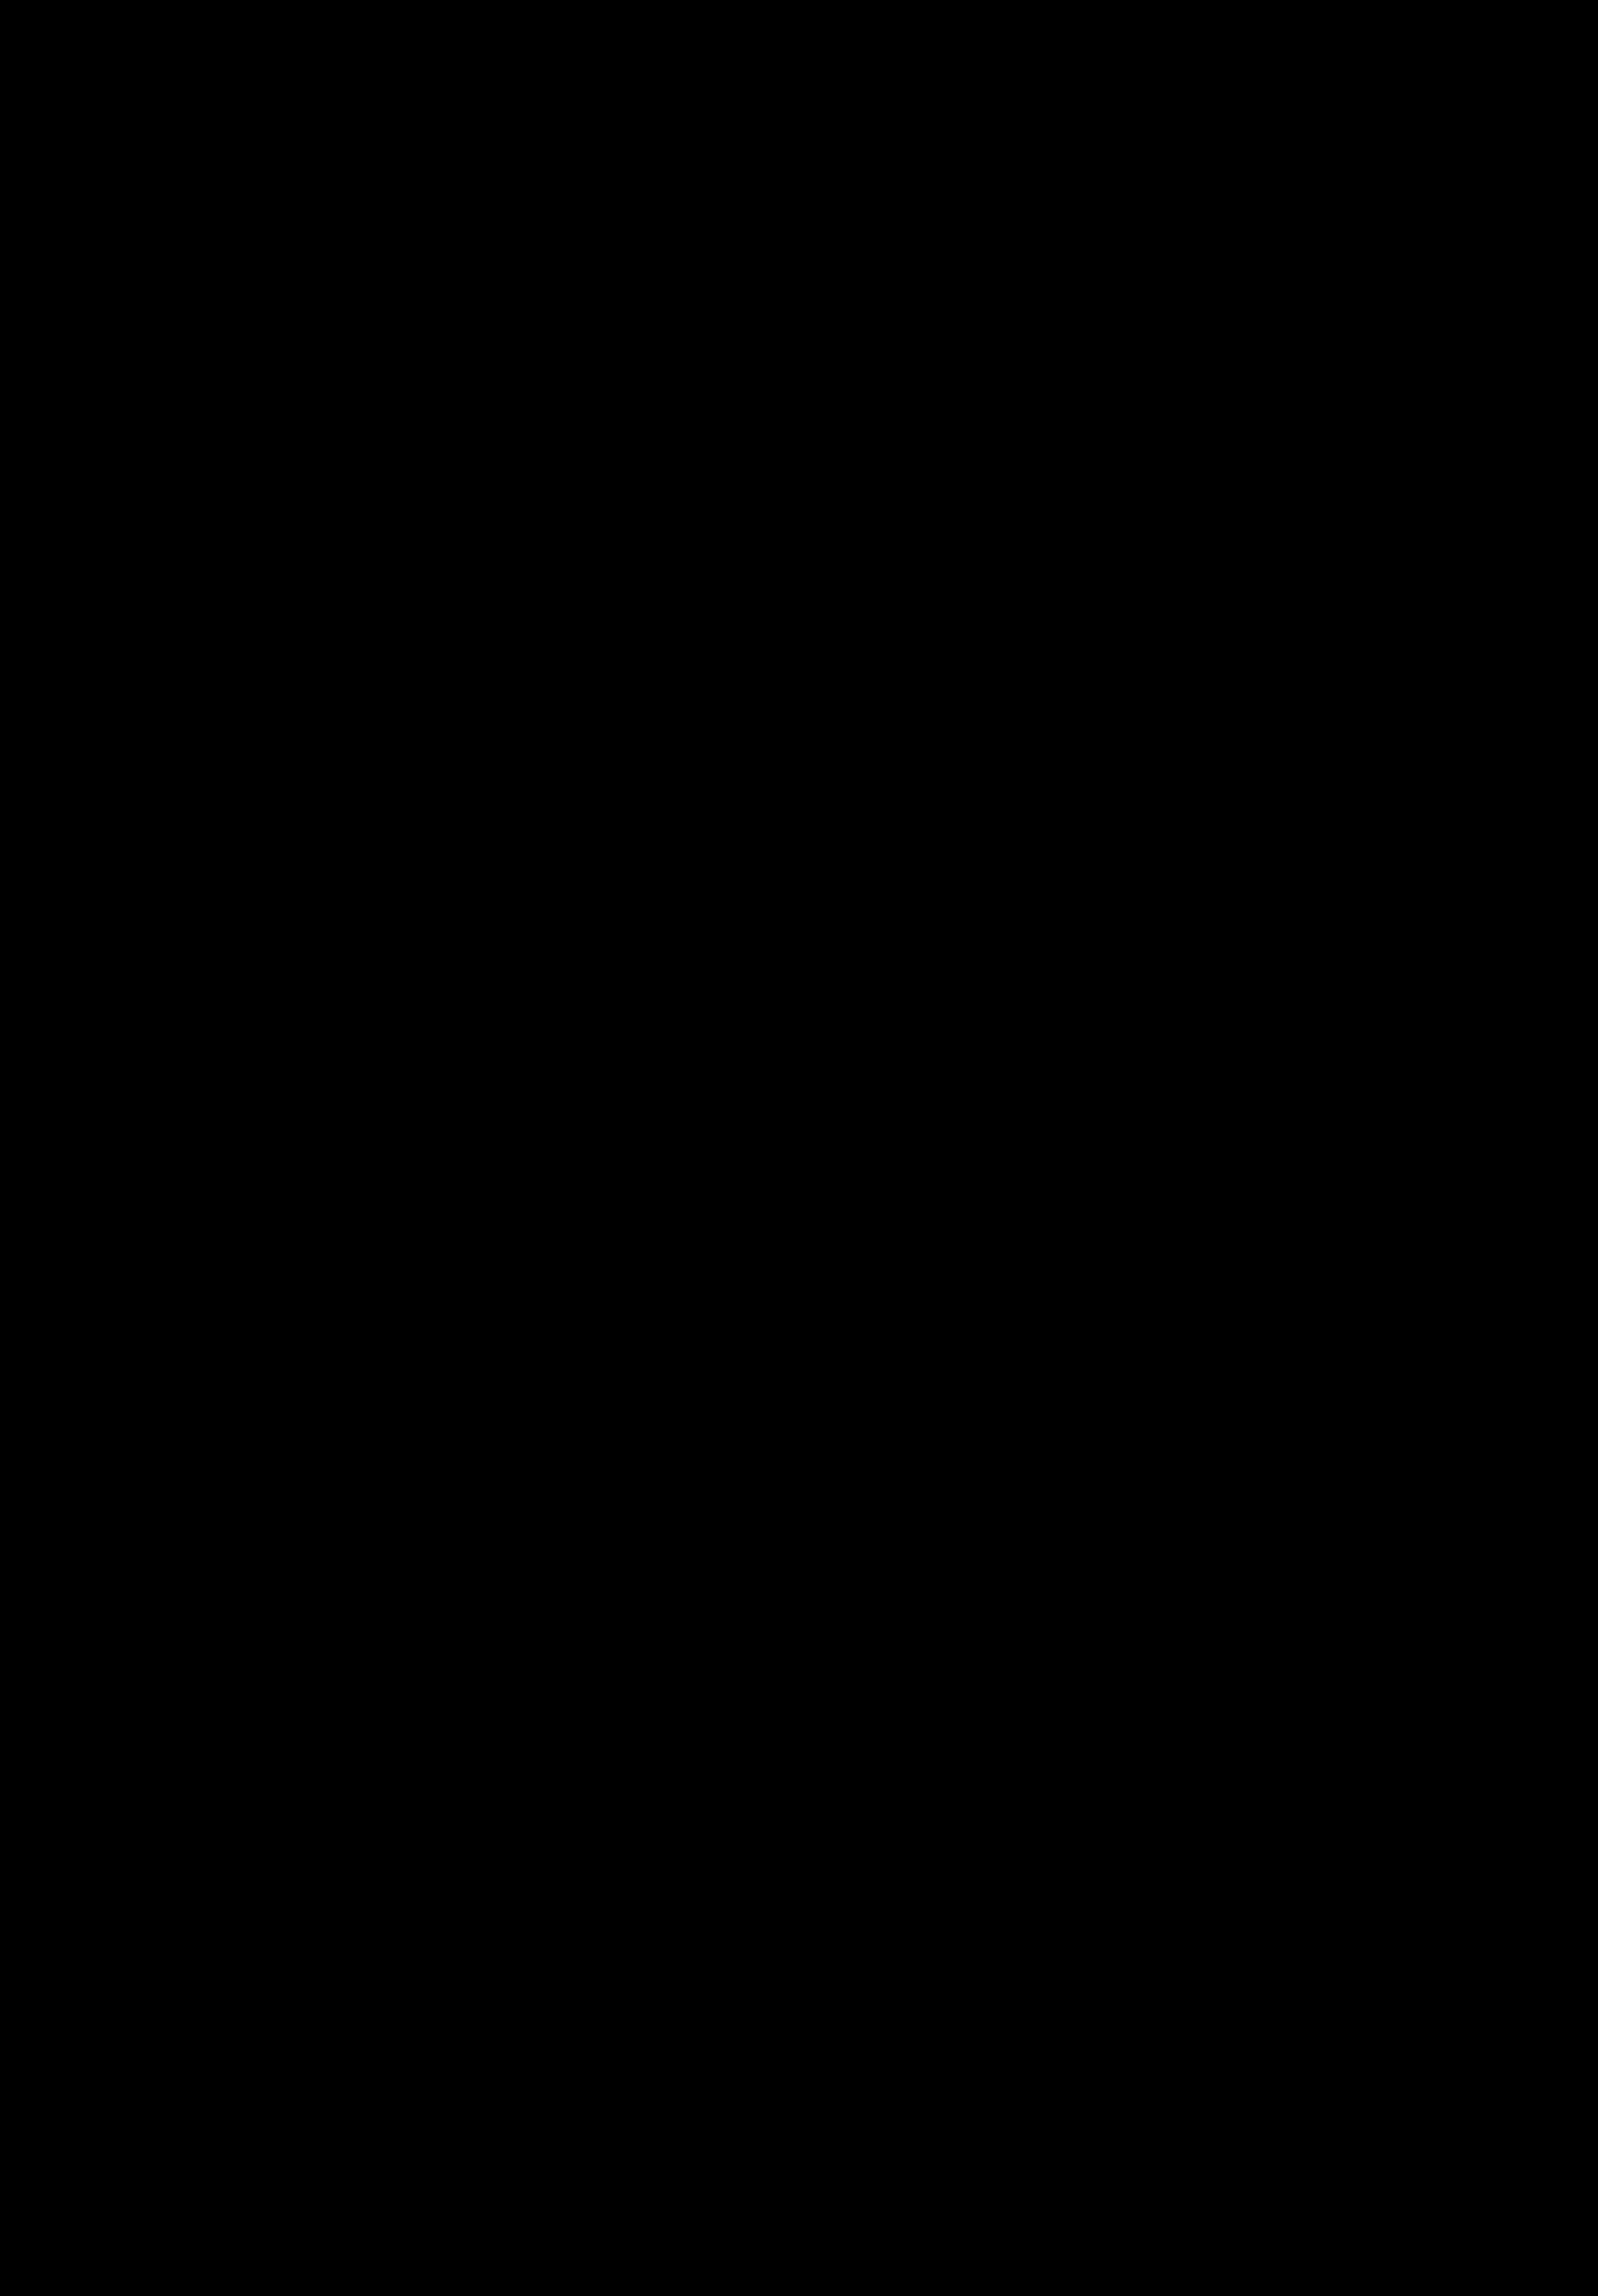 Téléchargez la nouvelle édition de notre magazine communal ! 2